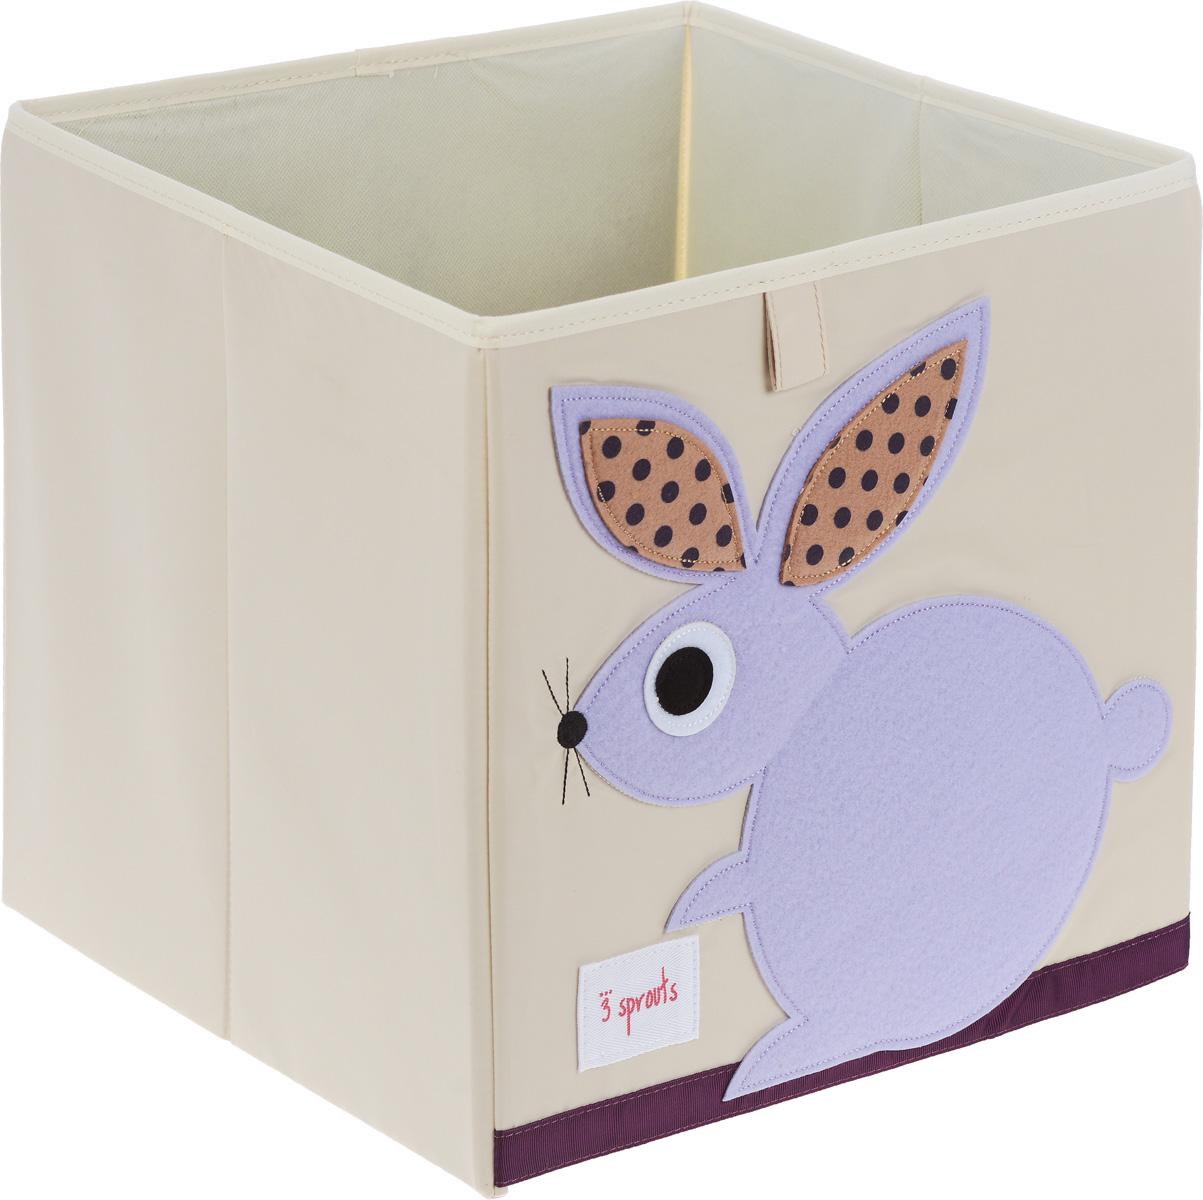 3 Sprouts Коробка для хранения Кролик27251Коробка для хранения 3 Sprouts Кролик - это отличный вариант организации пространства любой комнаты.Стороны коробки усилены с помощью картона, поэтому она всегда стоит ровно. Помещается практически во все стеллажи с квадратными отсеками и добавляет озорства любой комнате. Стоит ли коробка отдельно или на полке стеллажа, она обеспечит прекрасную организацию в вашем доме.Уход: снаружи - только выведение пятен.